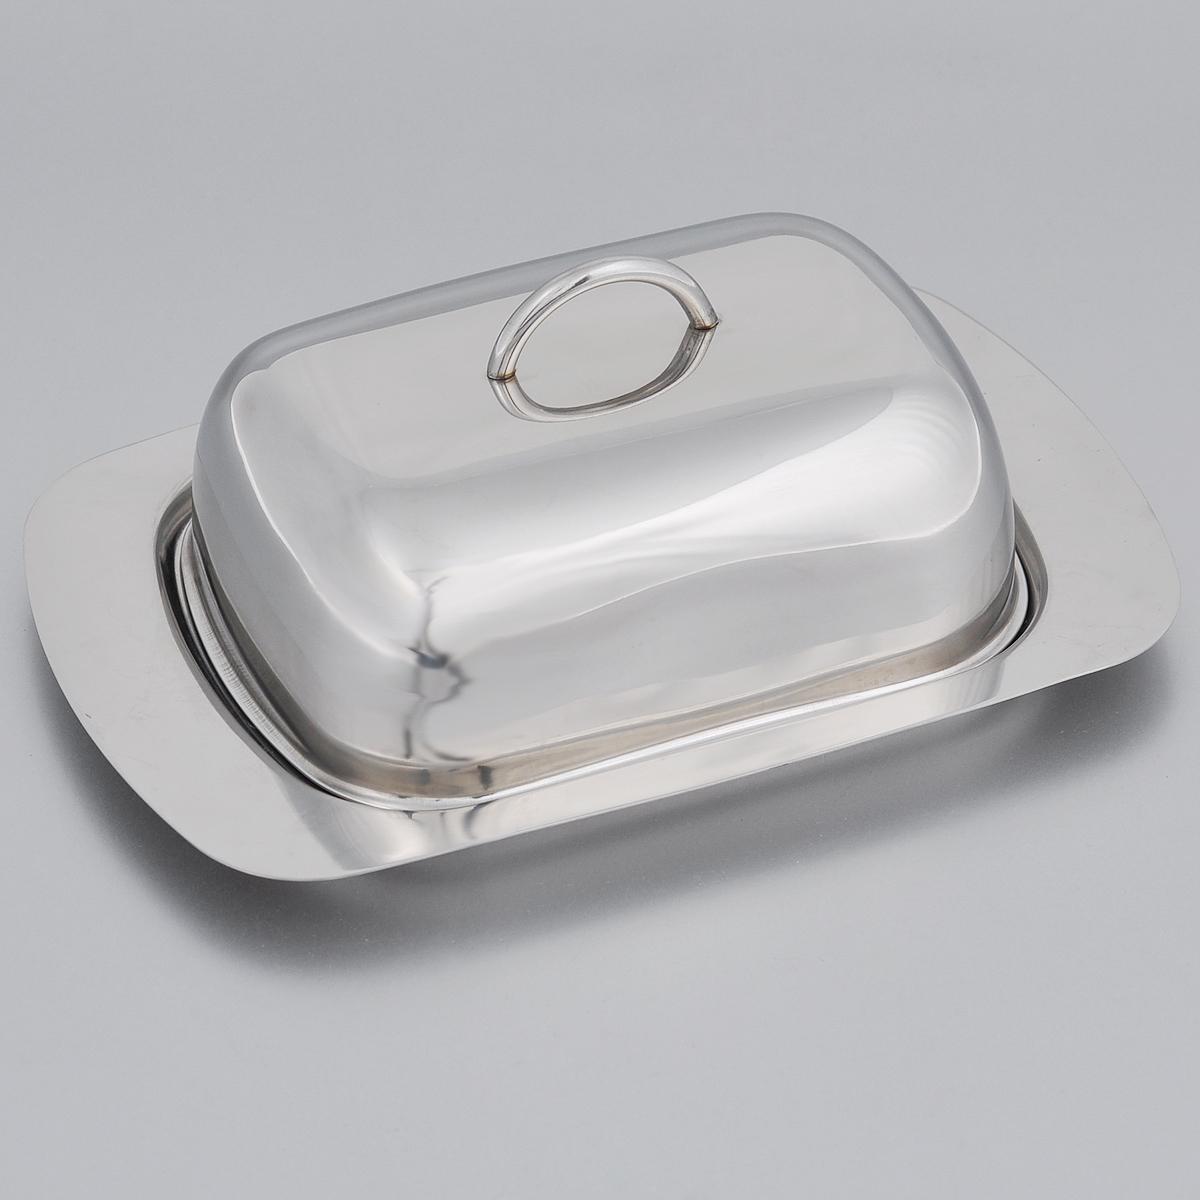 """Масленка Taller """"Молли"""" идеально подходит для хранения масла и сервировки стола. Масленка выполнена из нержавеющей стали с внешней зеркальной полировкой и состоит из подноса и крышки с ручкой. Благодаря специальным выемкам крышка плотно устанавливается на поднос.  Современный изысканный дизайн создаст безупречный стиль для вашей кухни. Масло в такой масленке долго остается свежим, а при хранении в холодильнике не впитывает посторонние запахи. Можно мыть в посудомоечной машине."""